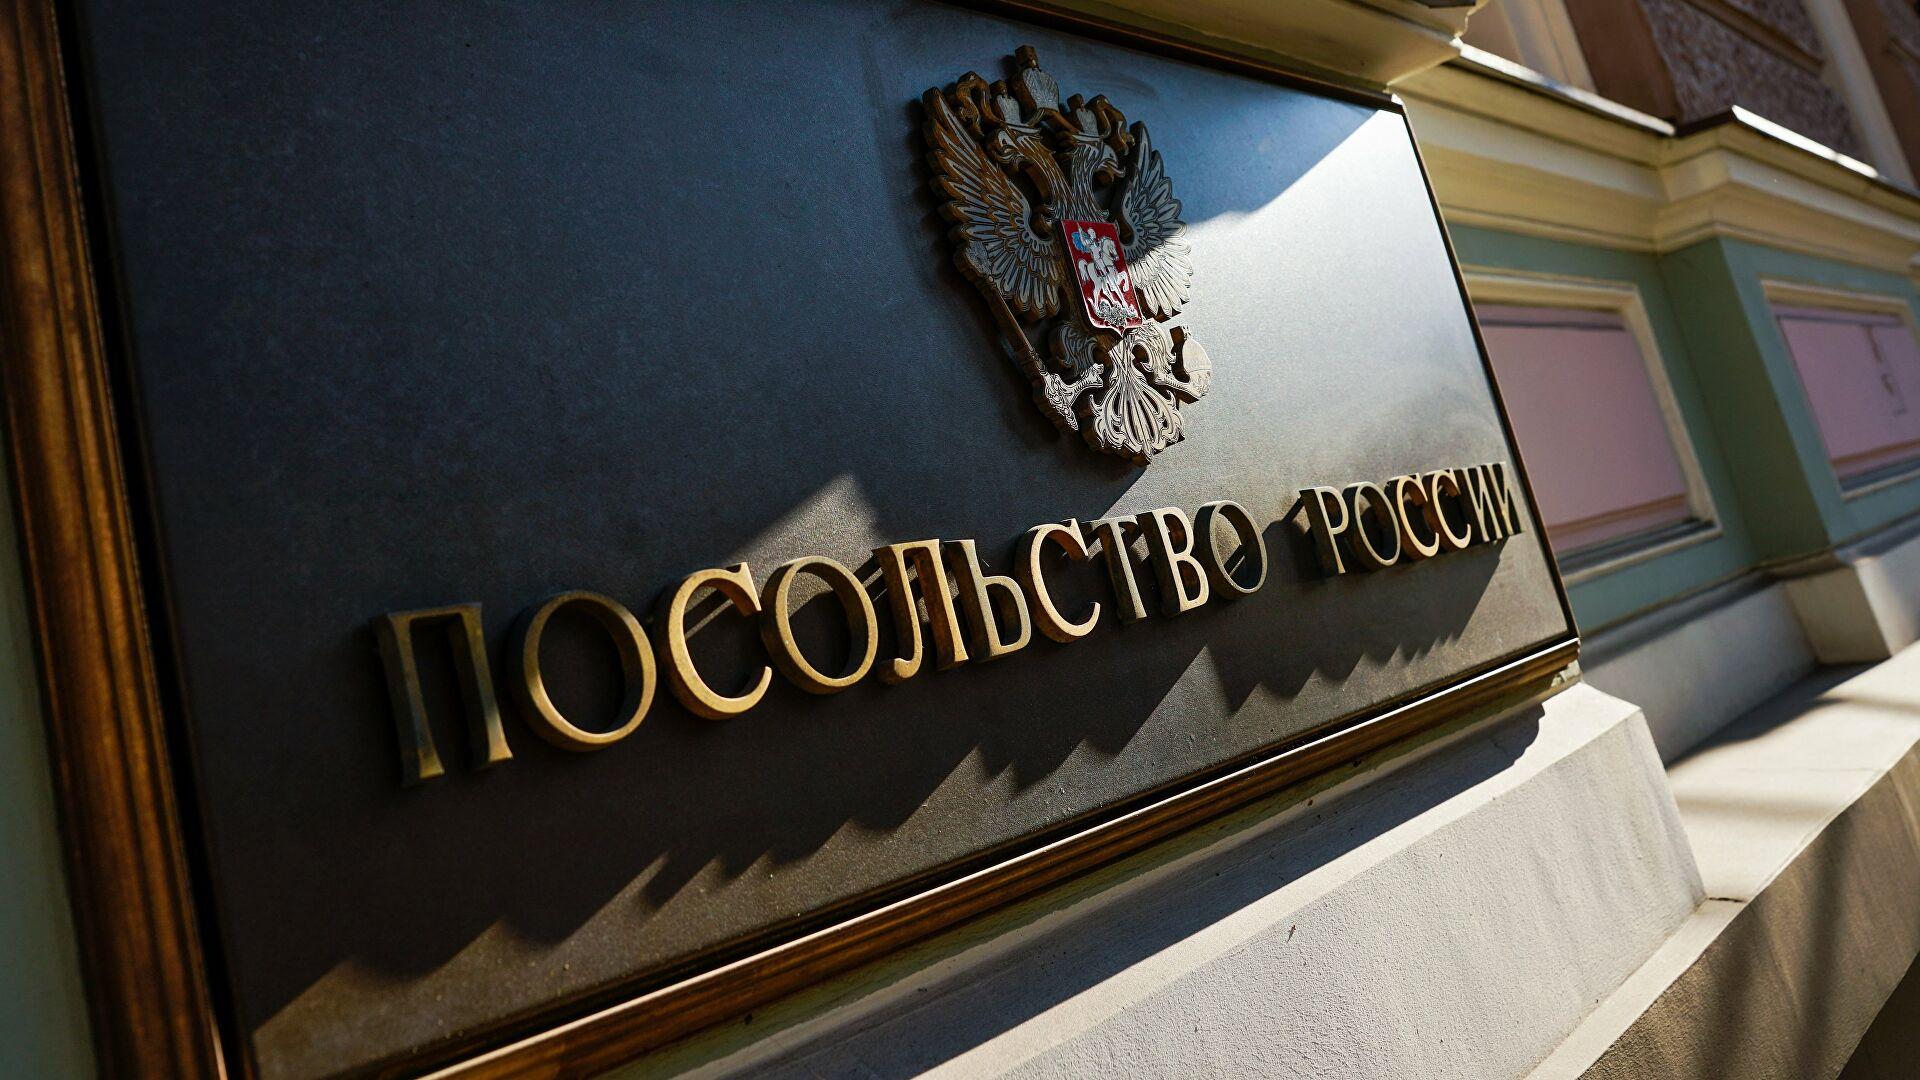 Летонија, Литванија и Естонија протерују руске дипломате